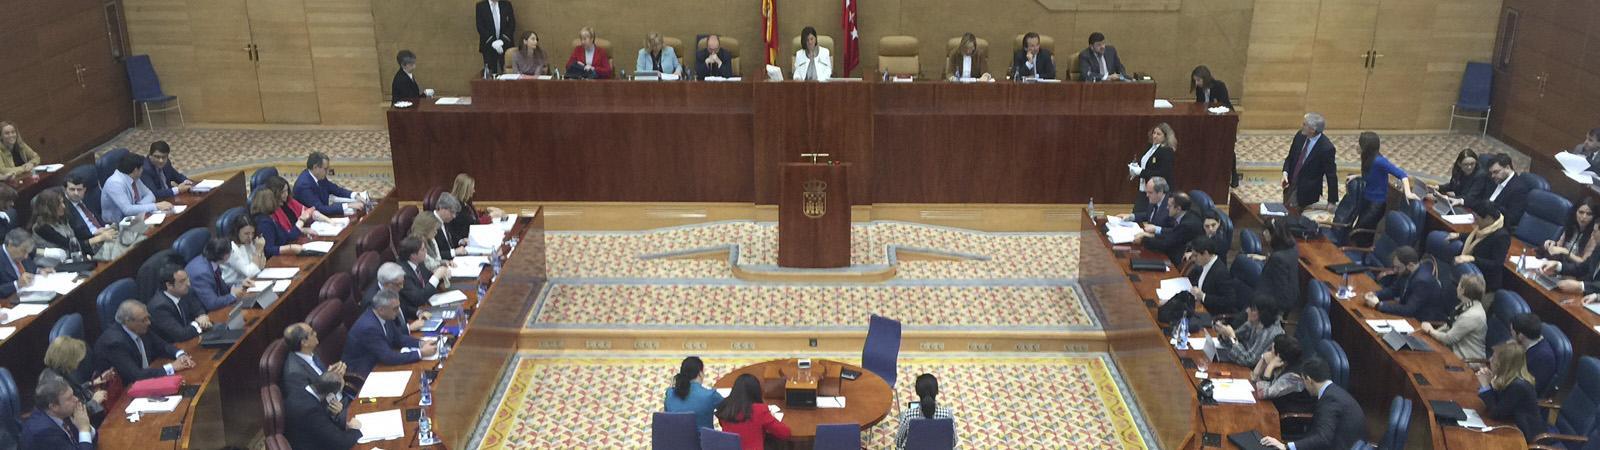 Asamblea de Madrid Proposición no de Ley Ciudadanos